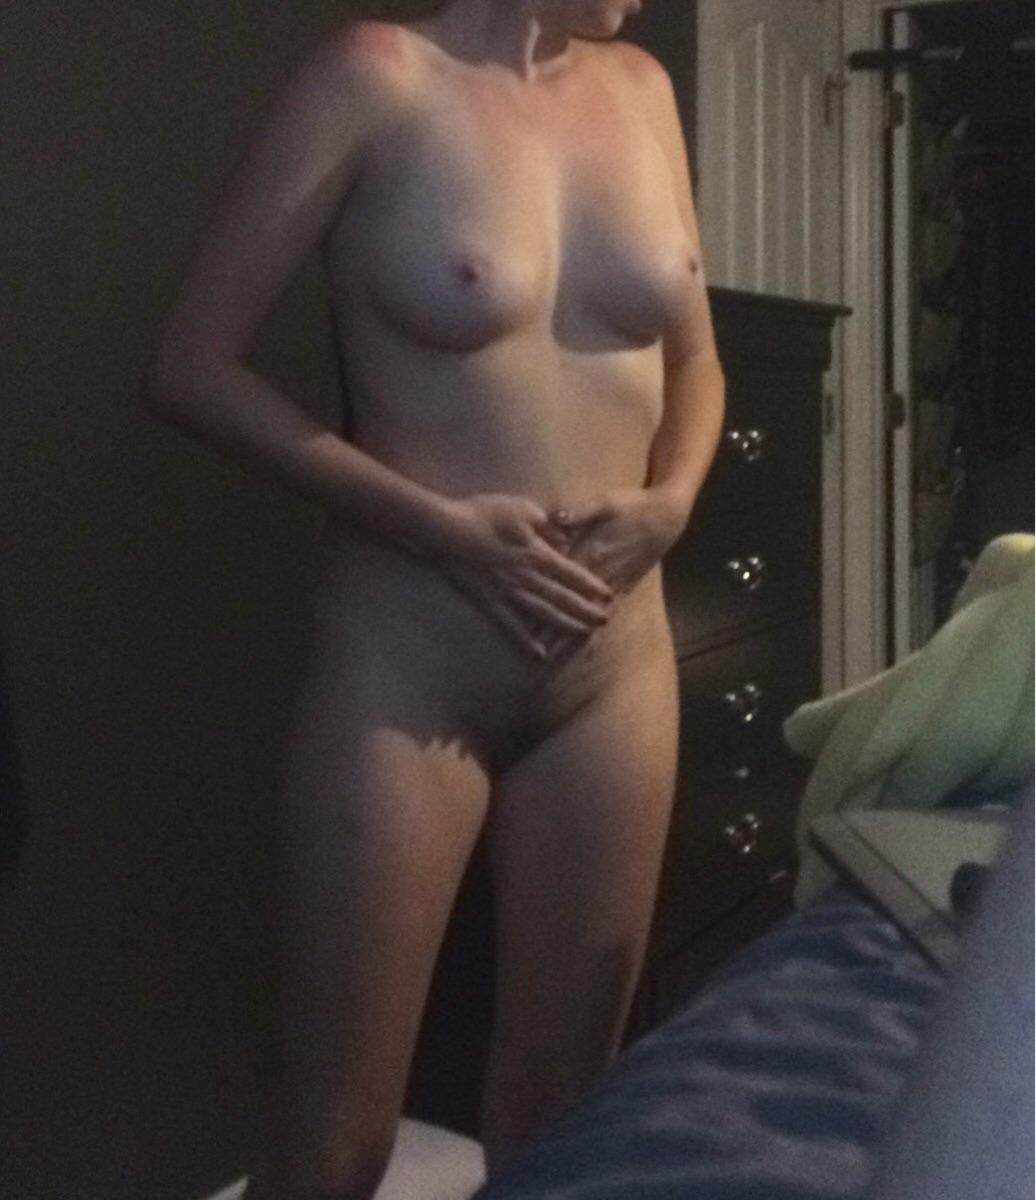 Мамки продемонтстрировала свои натуральные буфера секс фото